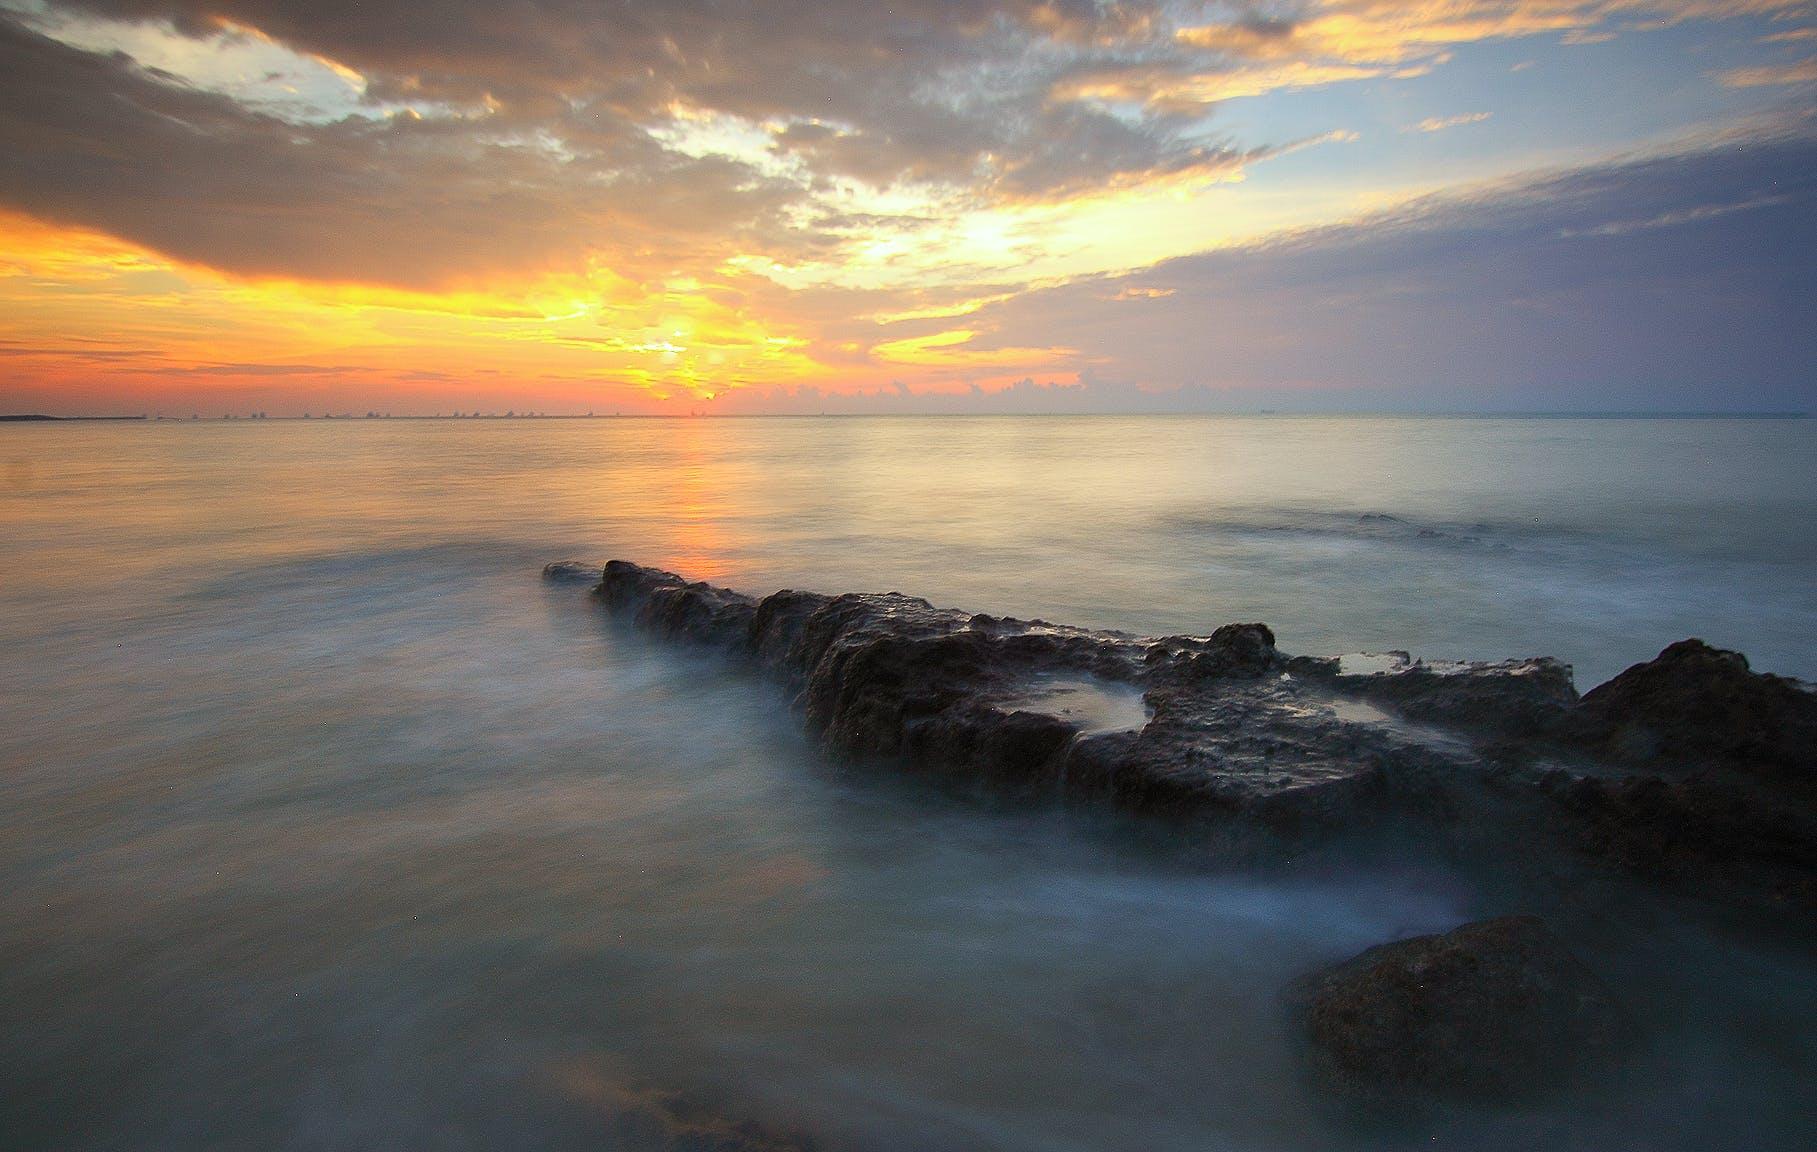 clouds, dawn, dusk